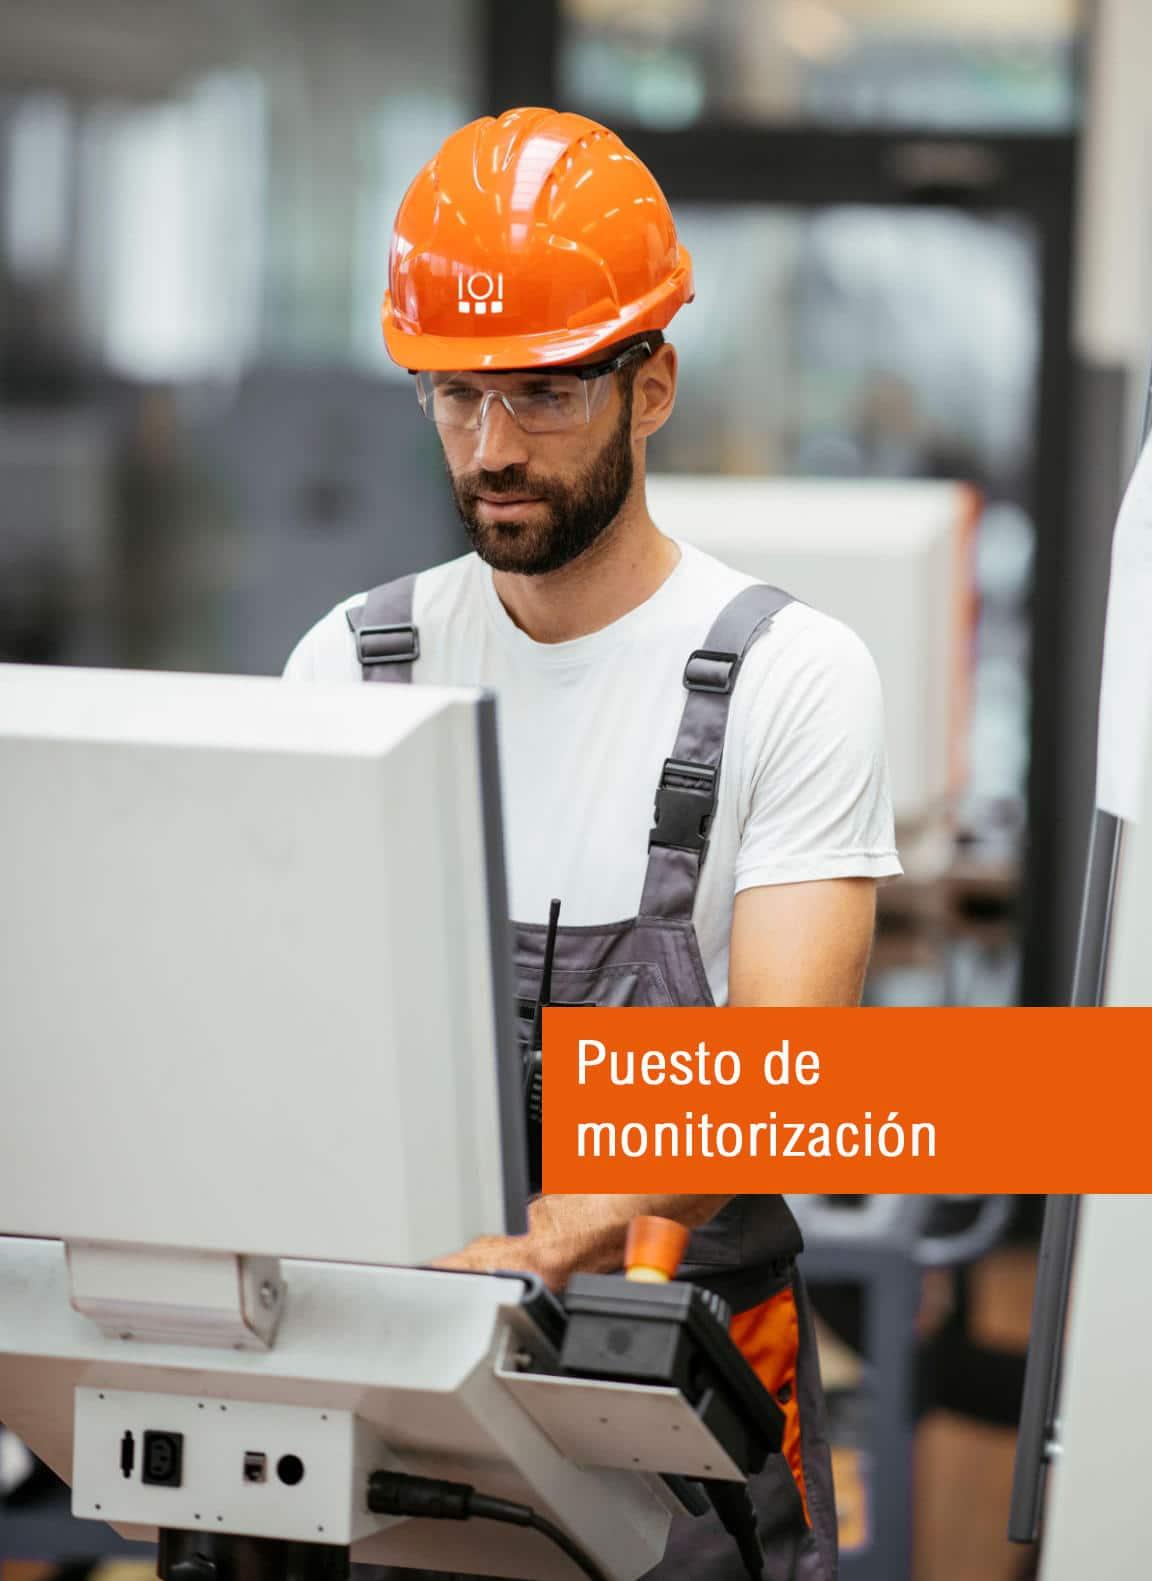 Puesto de monitorización